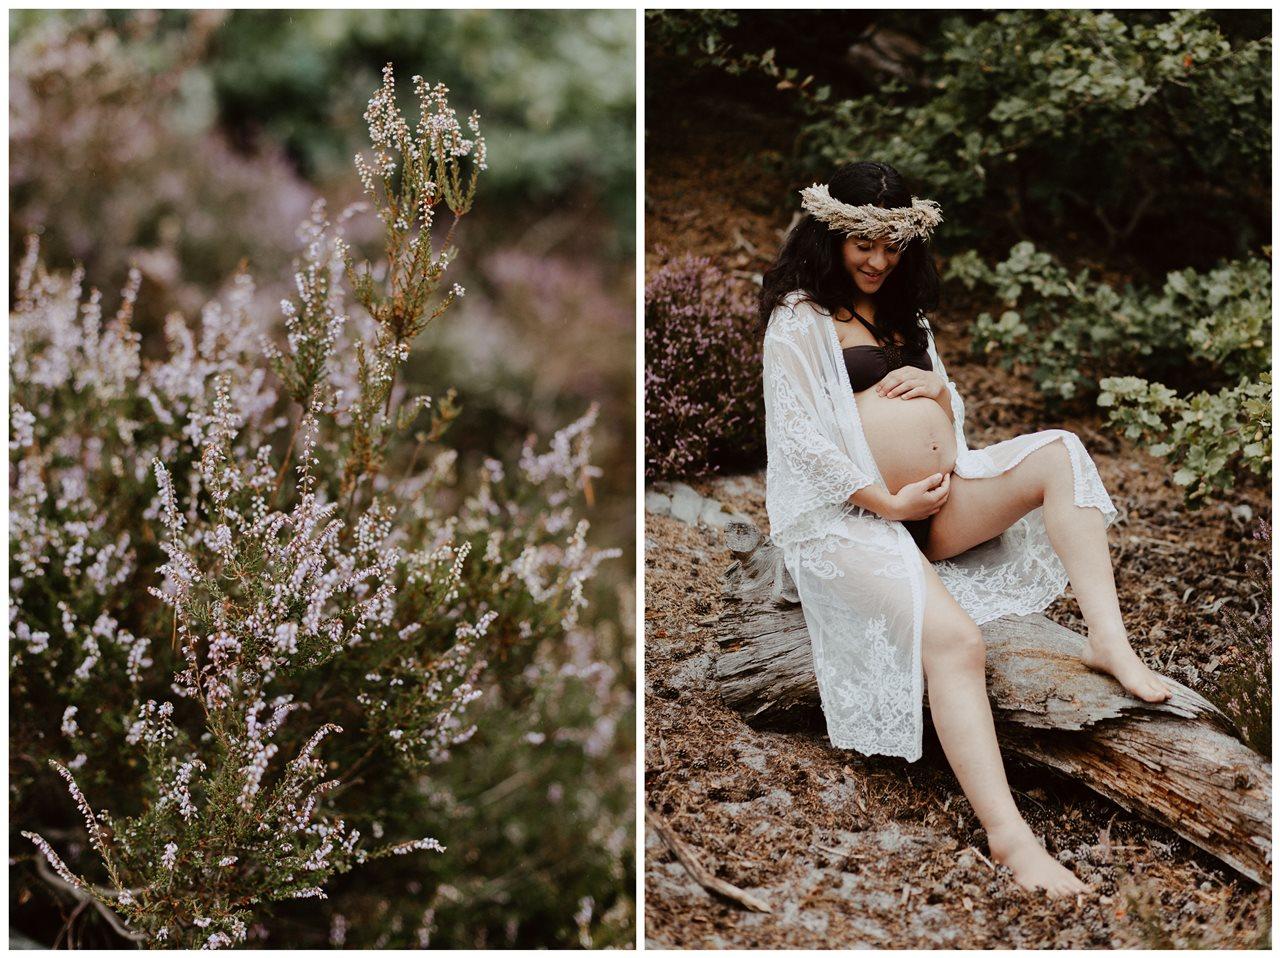 seance-maternité-nature-femme-enceinte-pachamama-détail-fleurs